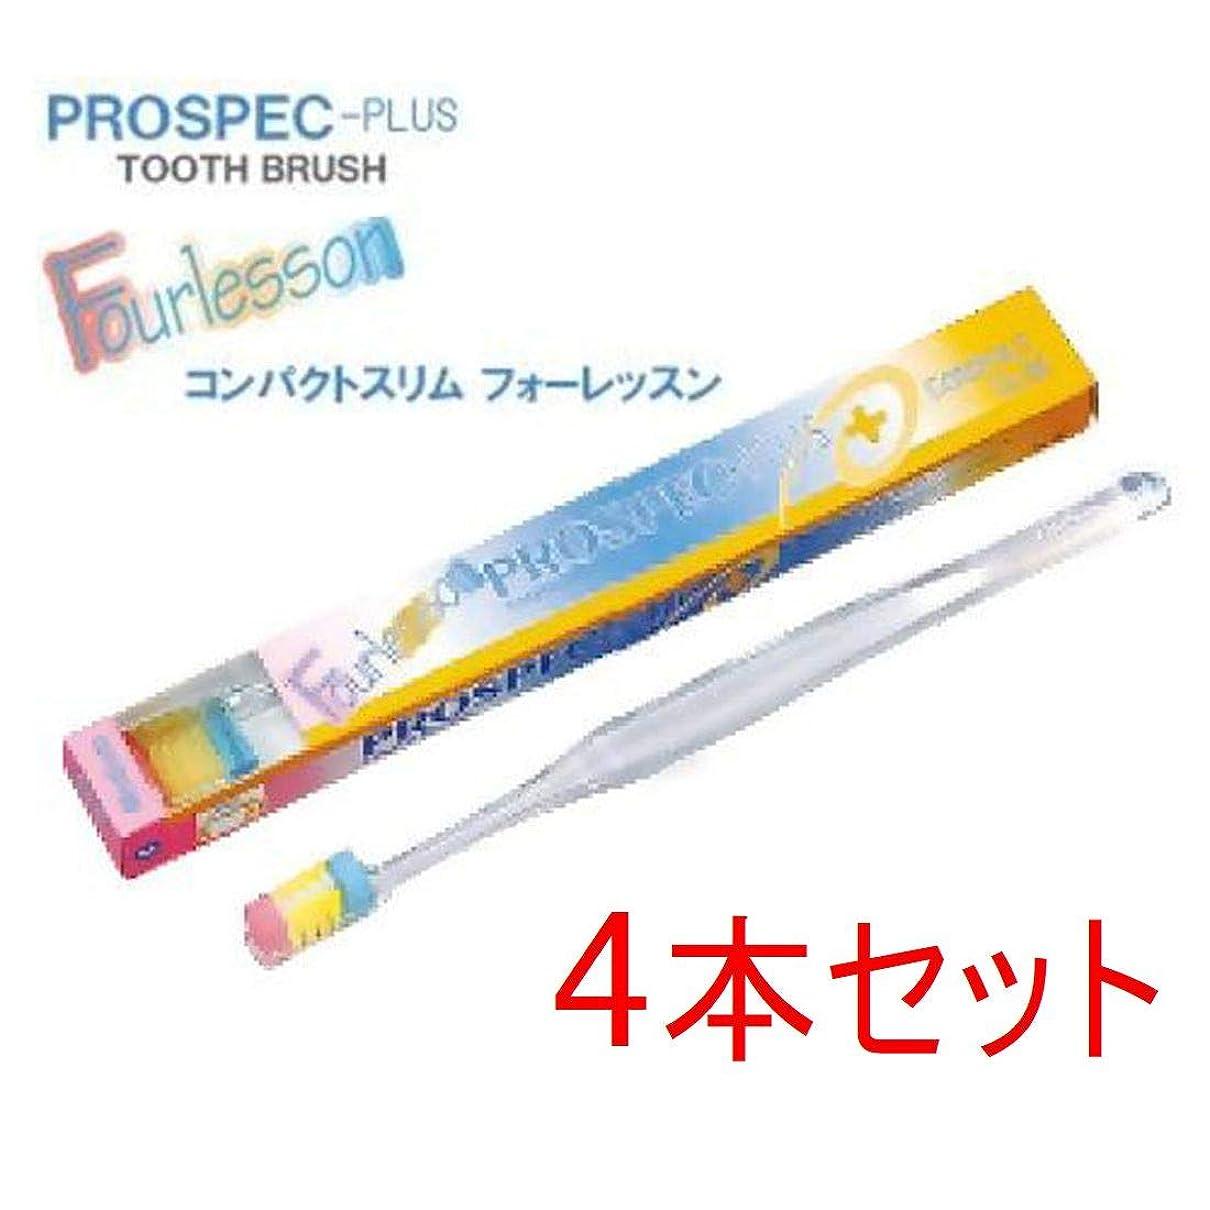 できれば支援スキャンダルプロスペック 歯ブラシ コンパクトスリム 4本 フォーレッスン 毛の硬さ ふつう